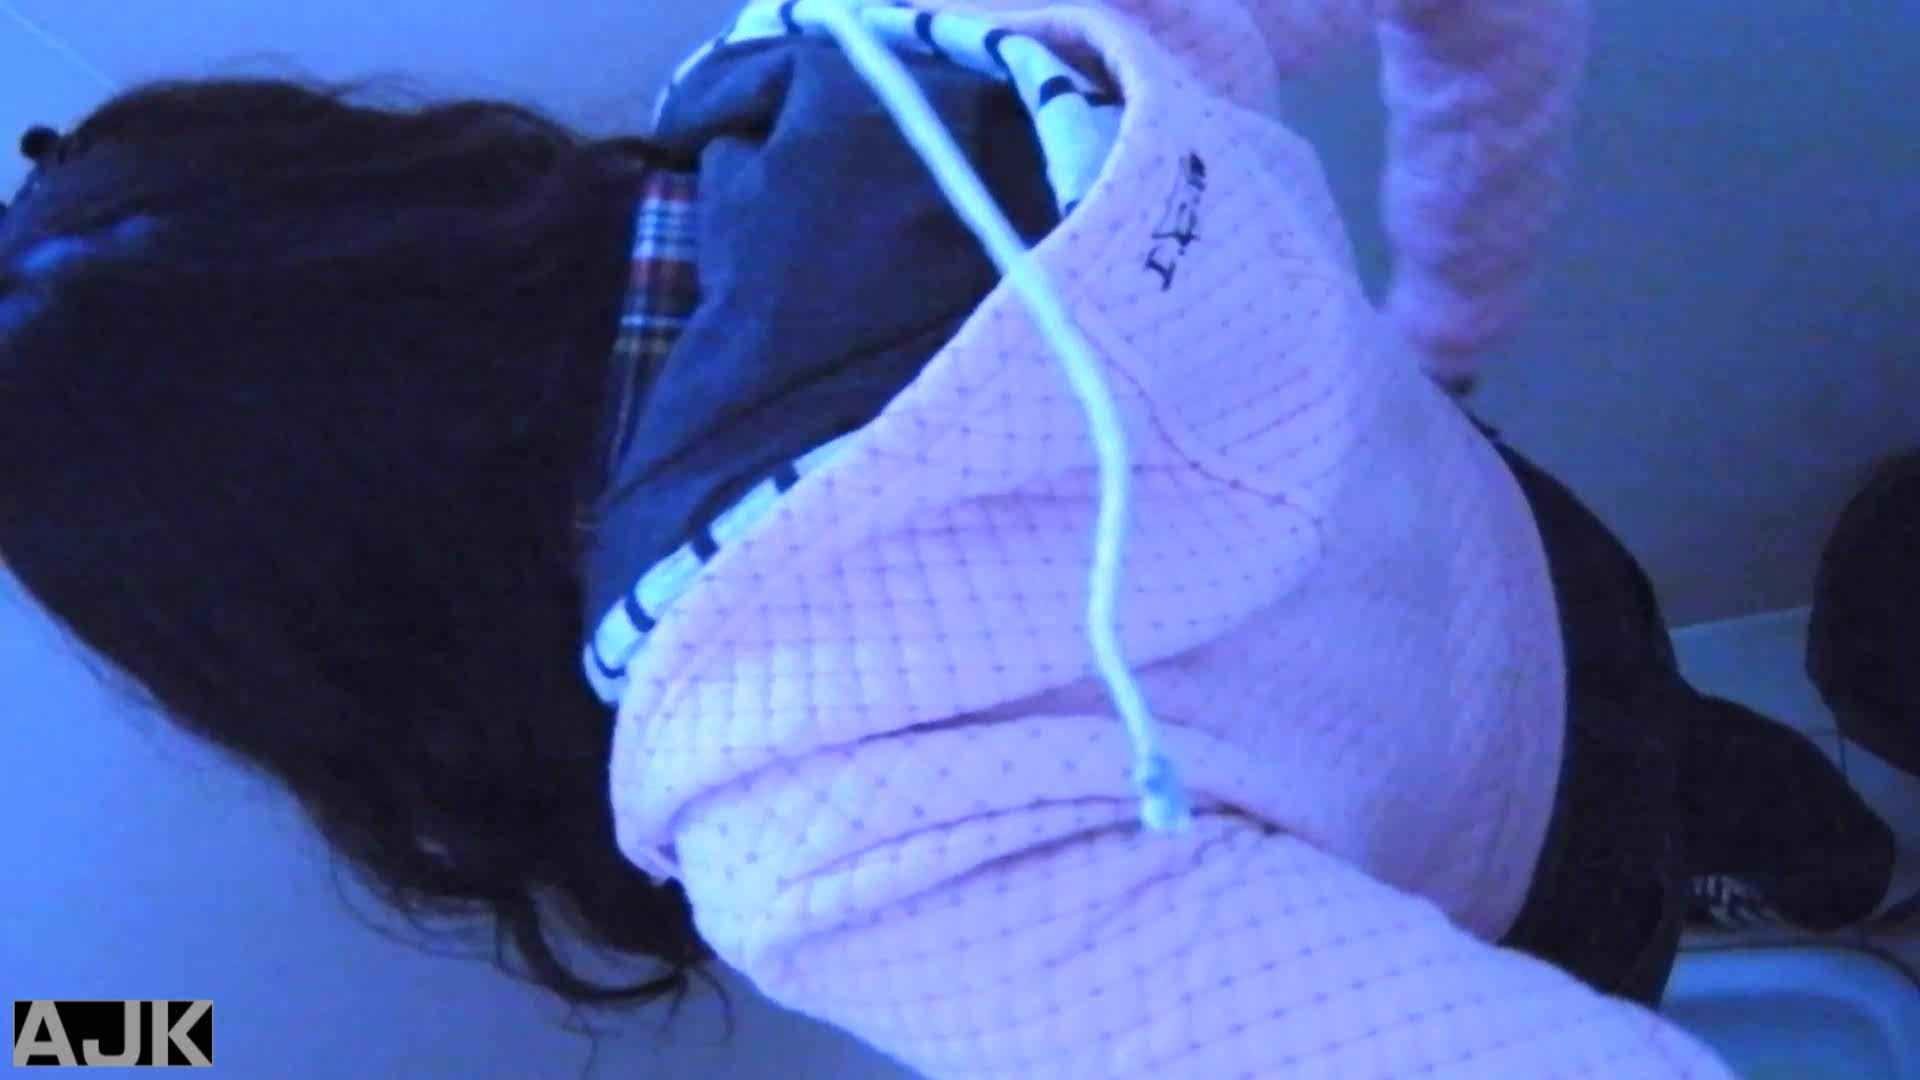 隣国上階級エリアの令嬢たちが集うデパートお手洗い Vol.07 お手洗いの中 オメコ動画キャプチャ 111枚 106